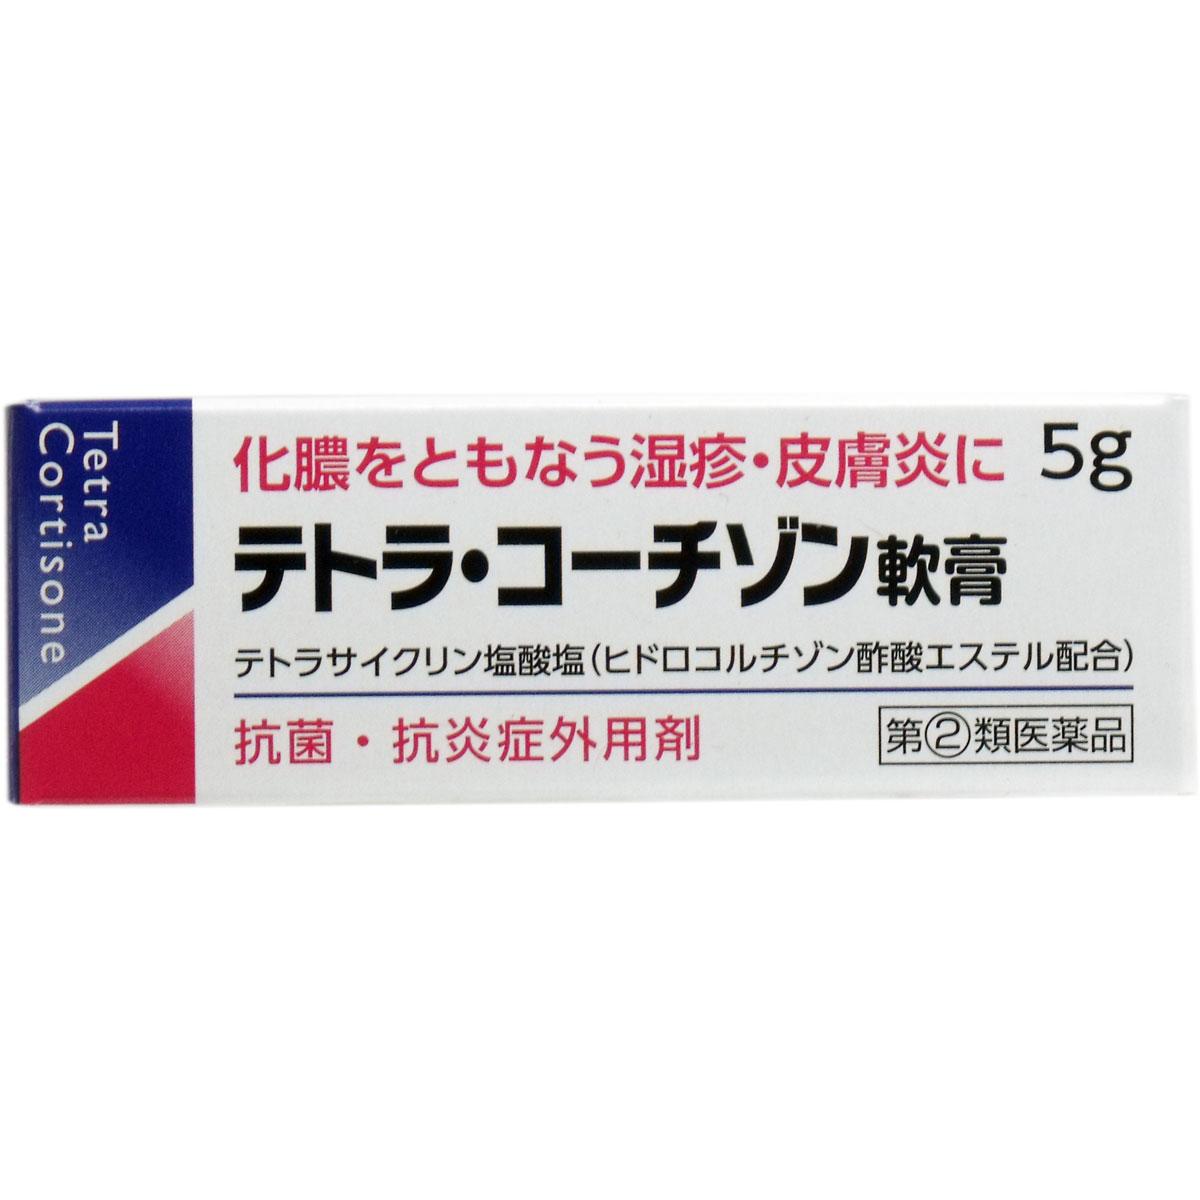 【第(2)類医薬品】 テトラコーチゾン軟膏 5g